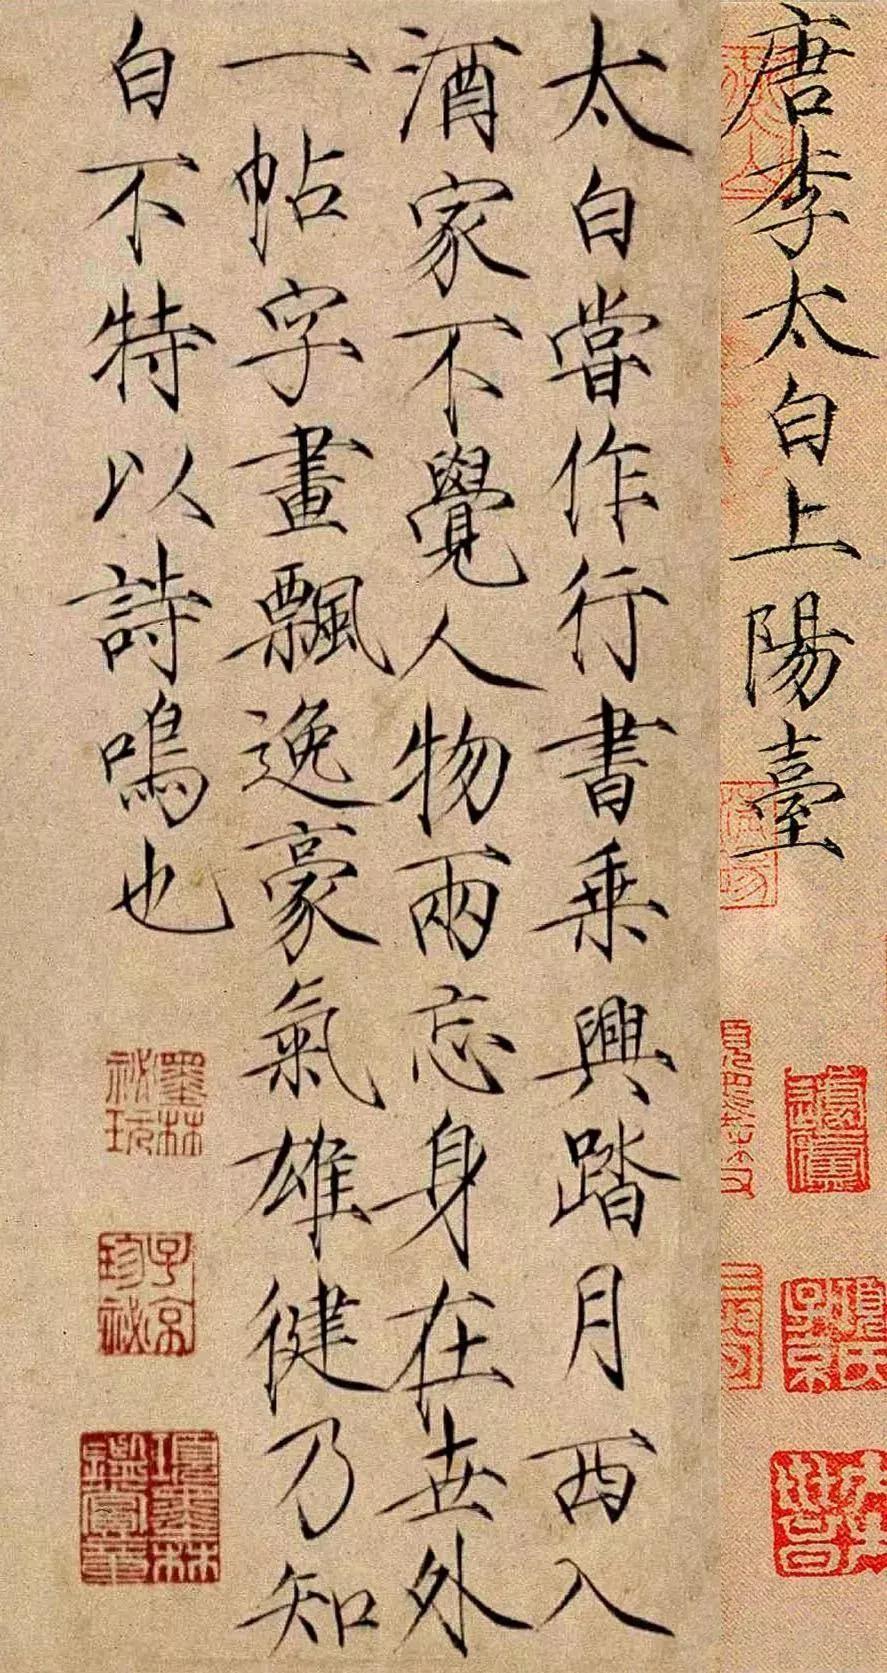 宋徽宗自创的瘦金体,虽然是亡国之君,但是书法造诣是一绝